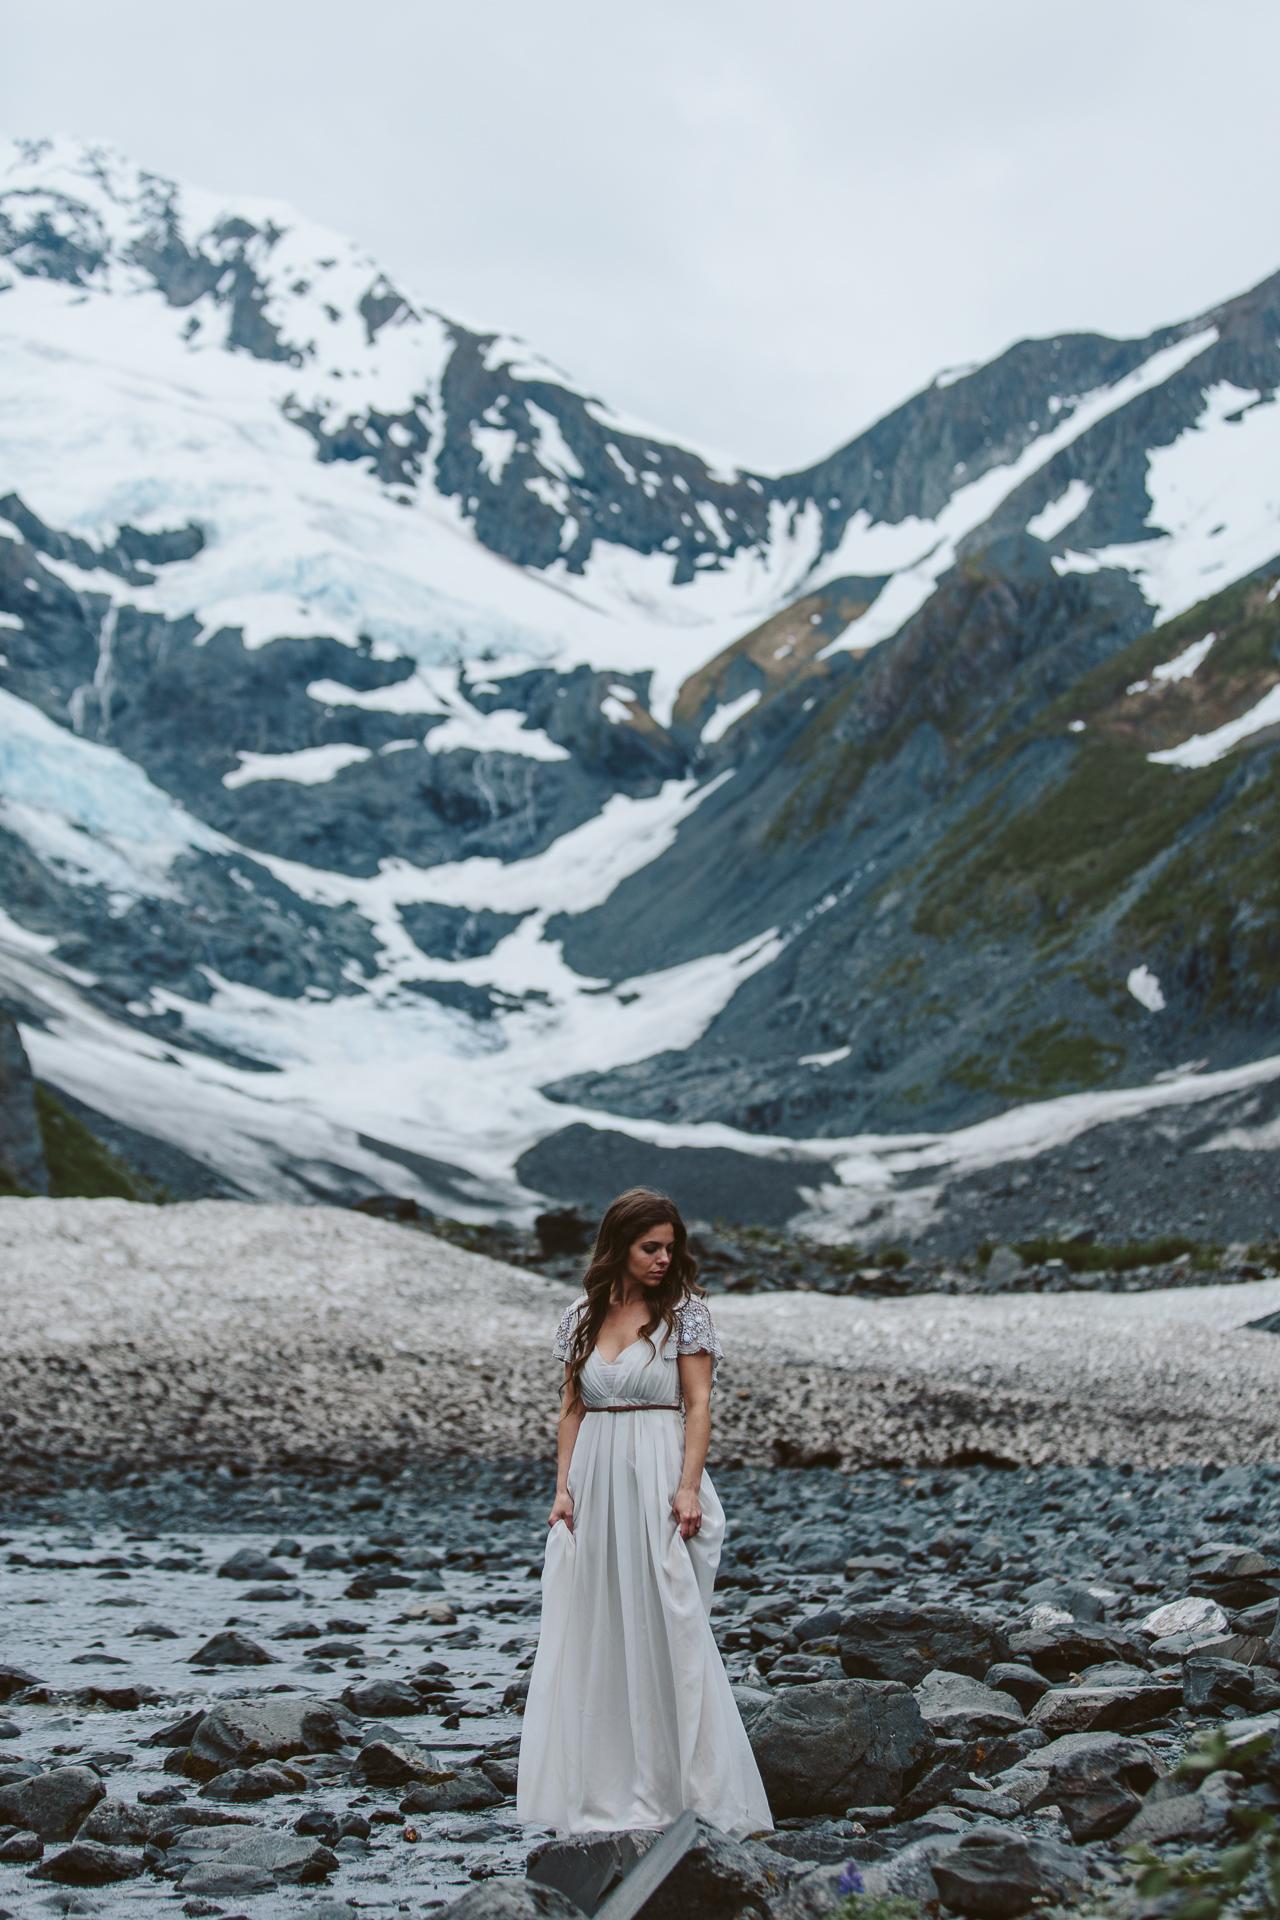 jess-hunter-photographer-alaska-destination-elopement-6135.jpg